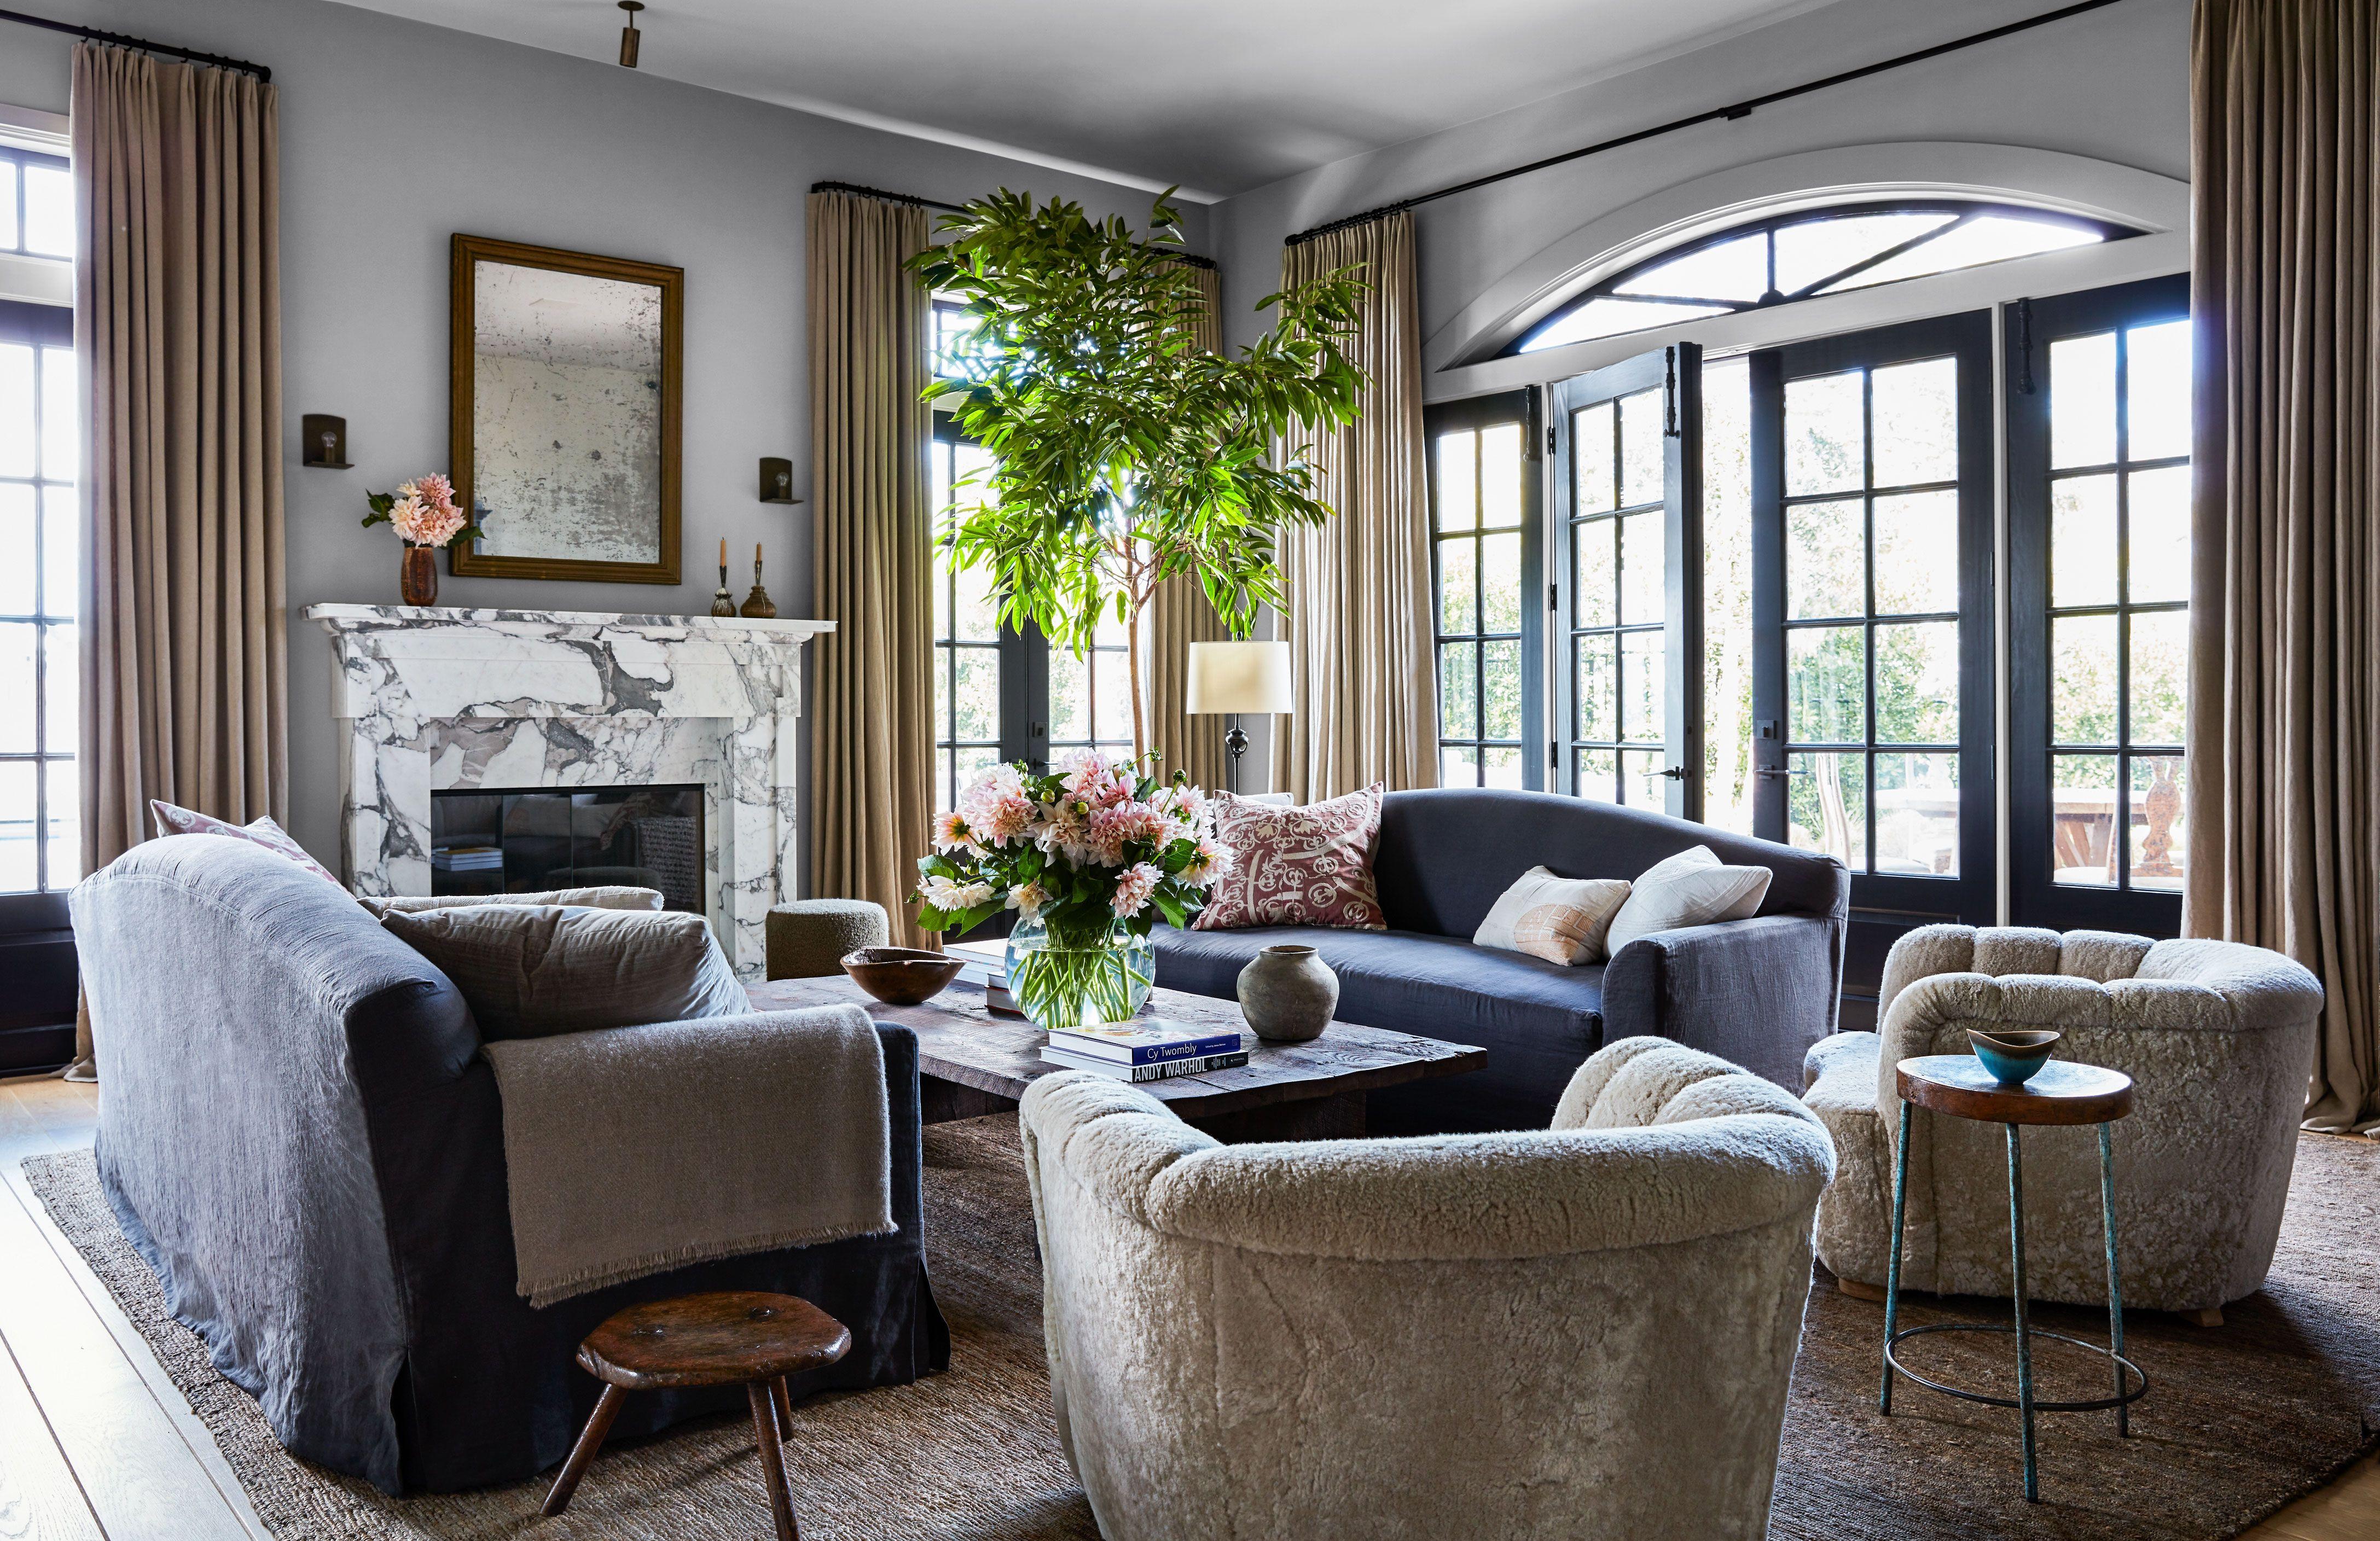 Jessica Alba's Beverly Hills Home Was Inspired by Ellen DeGeneres and Portia de Rossi